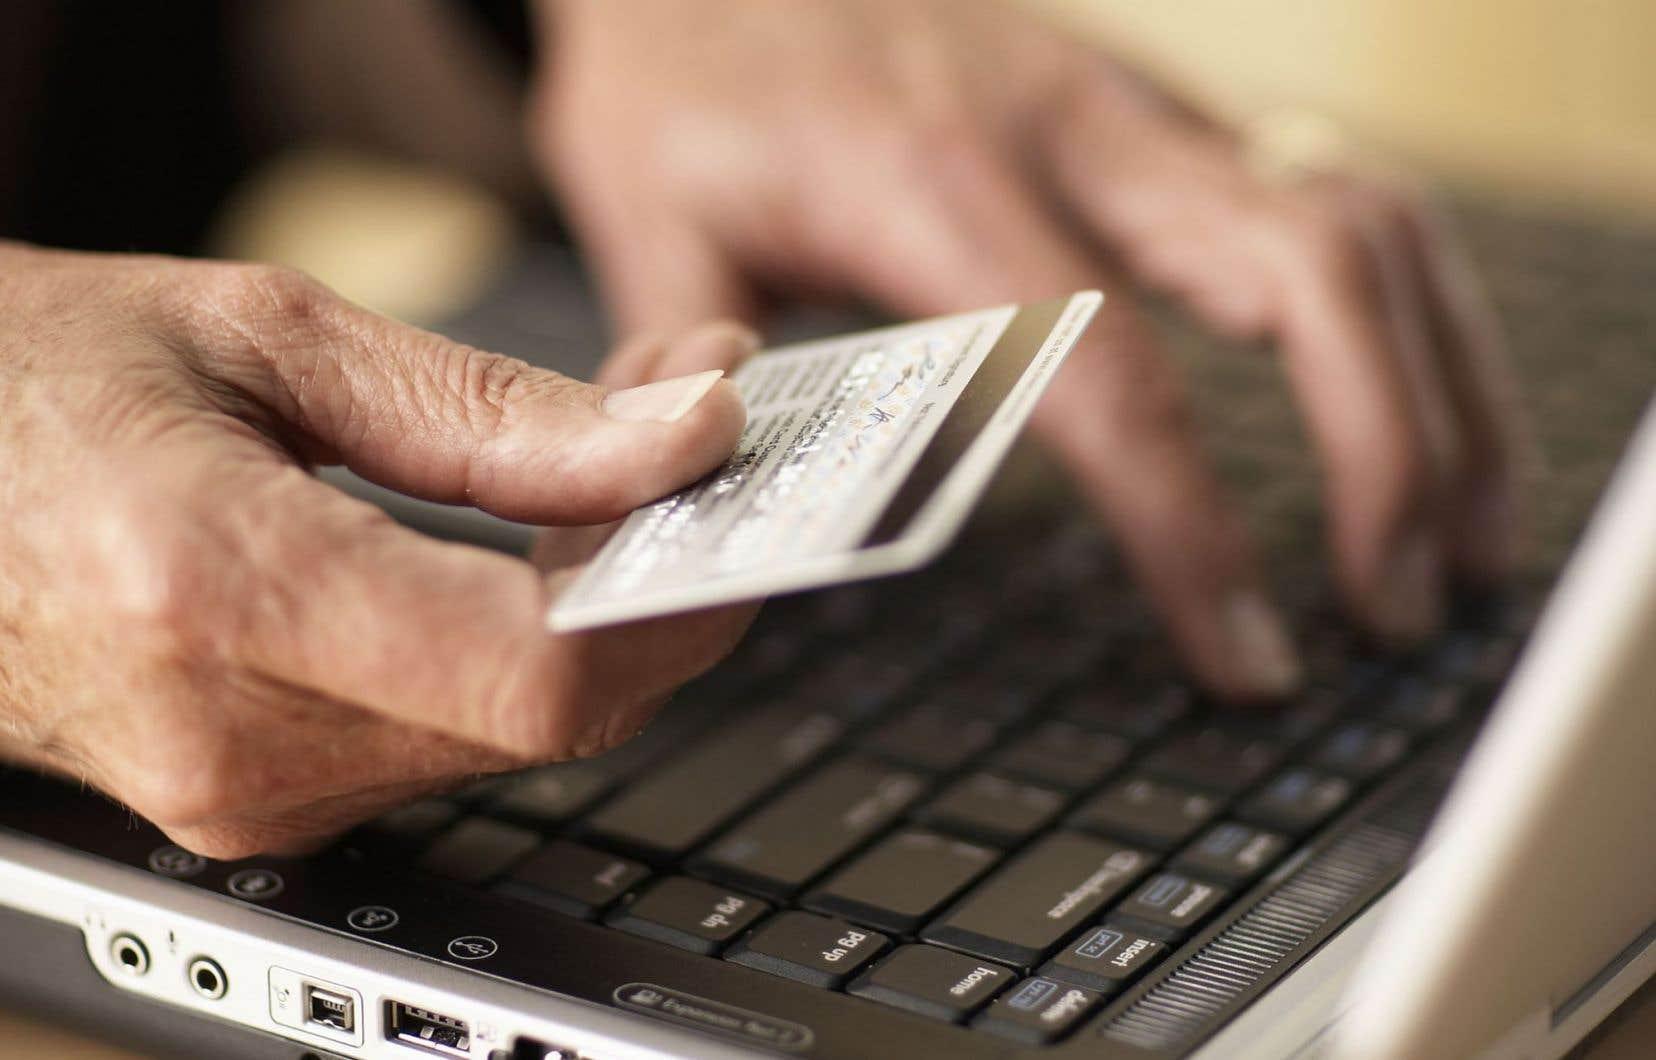 Au total, seulement 25 % des dollars dépensés pour des achats en ligne l'ont été sur des sites québécois, par rapport à 48 % sur des sites de détaillants américains.